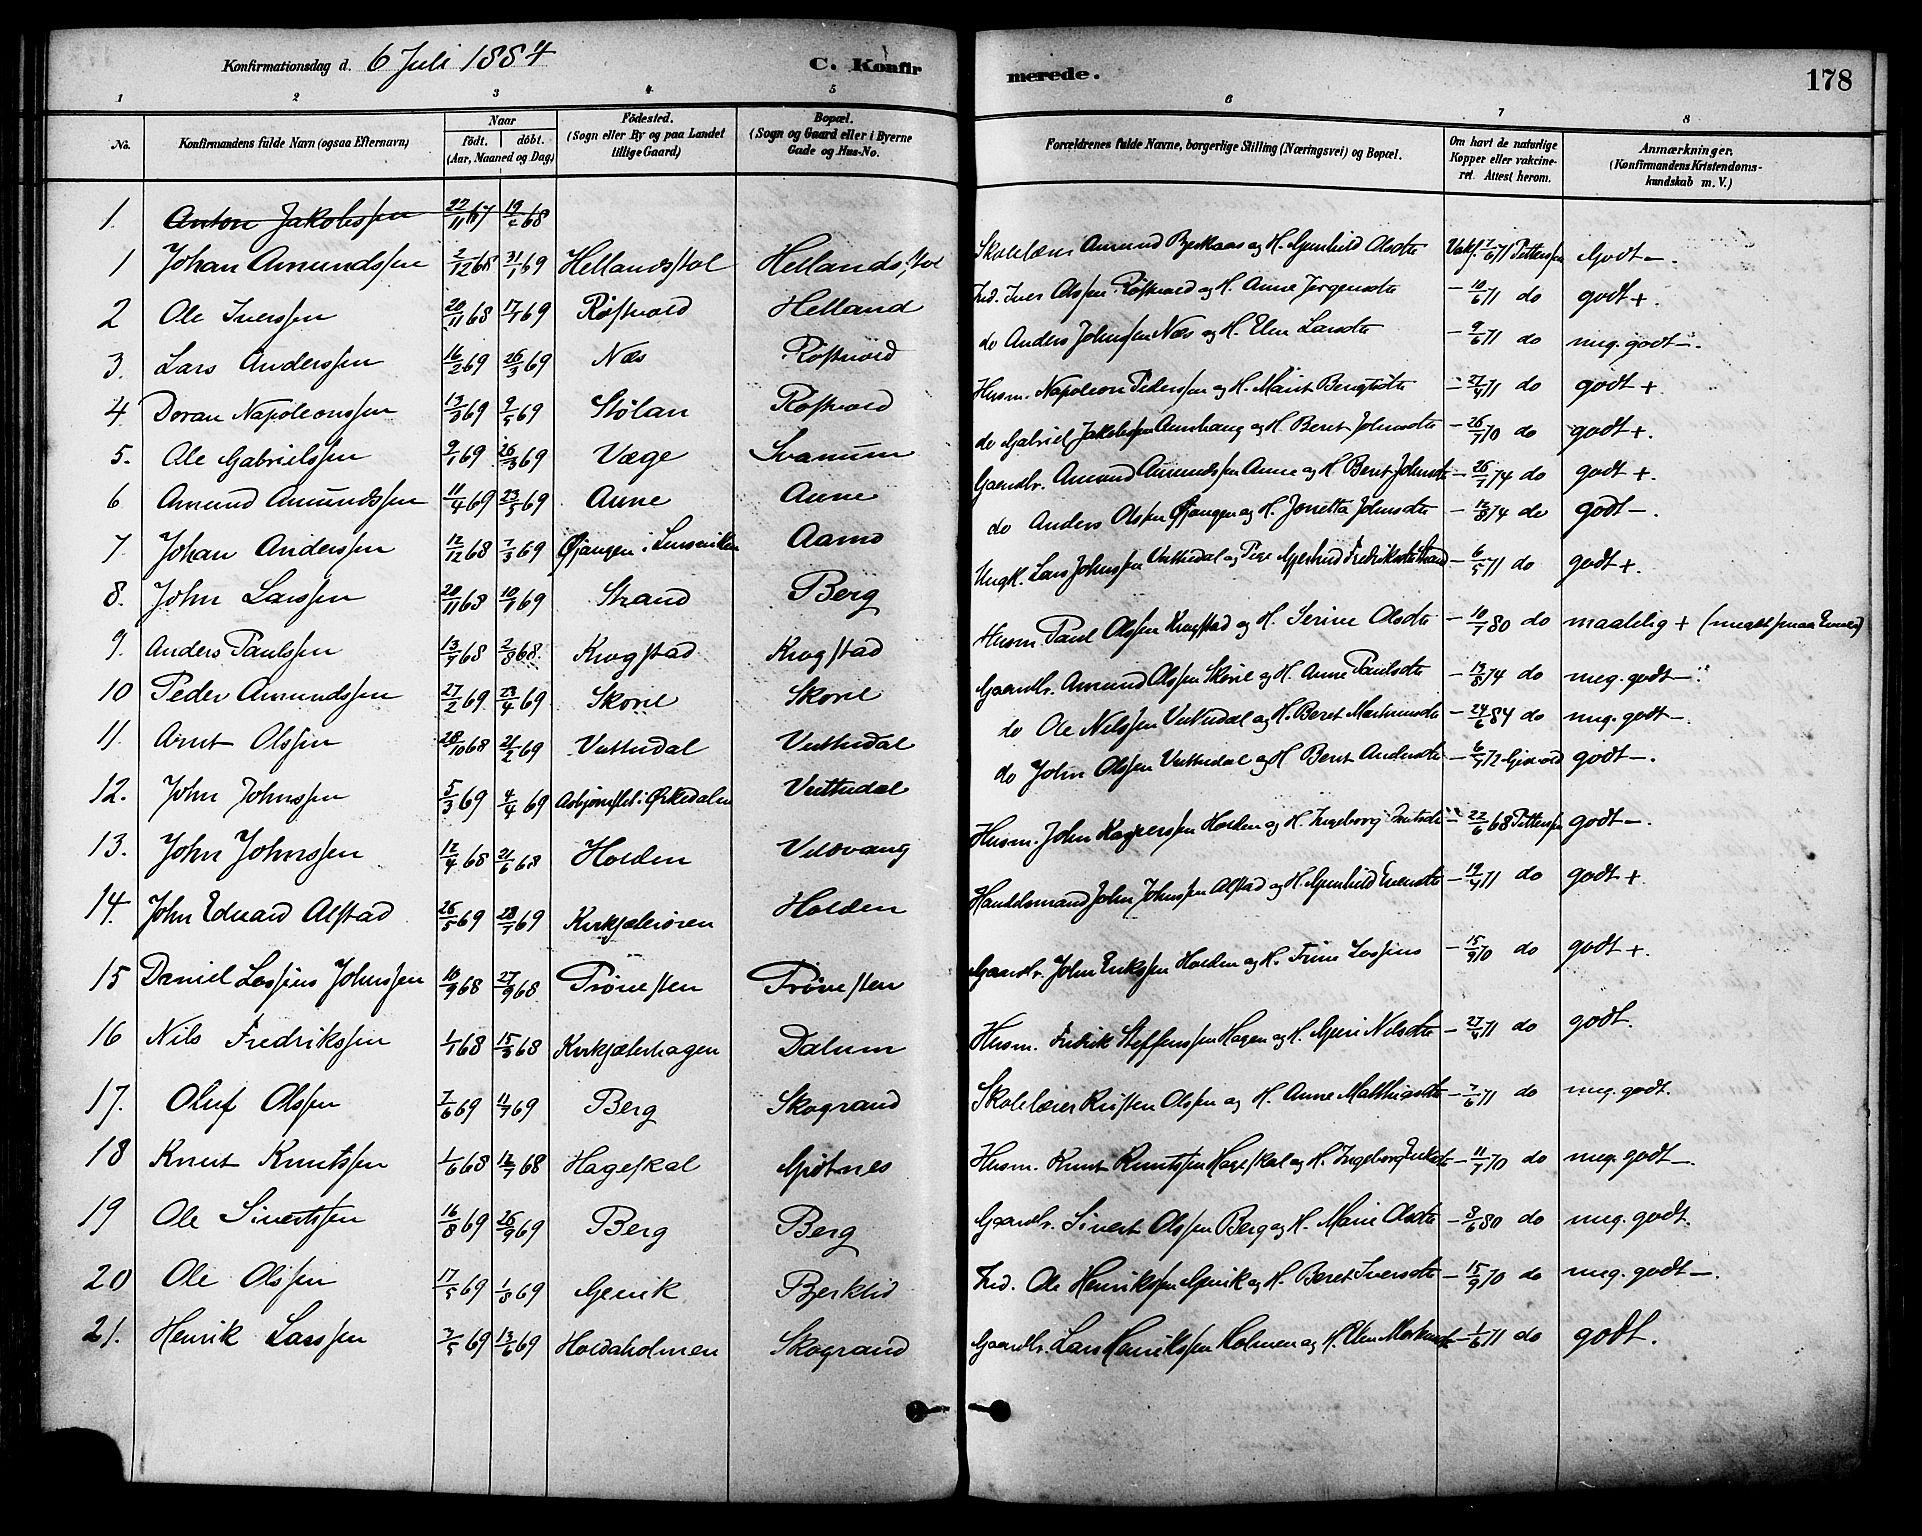 SAT, Ministerialprotokoller, klokkerbøker og fødselsregistre - Sør-Trøndelag, 630/L0496: Ministerialbok nr. 630A09, 1879-1895, s. 178